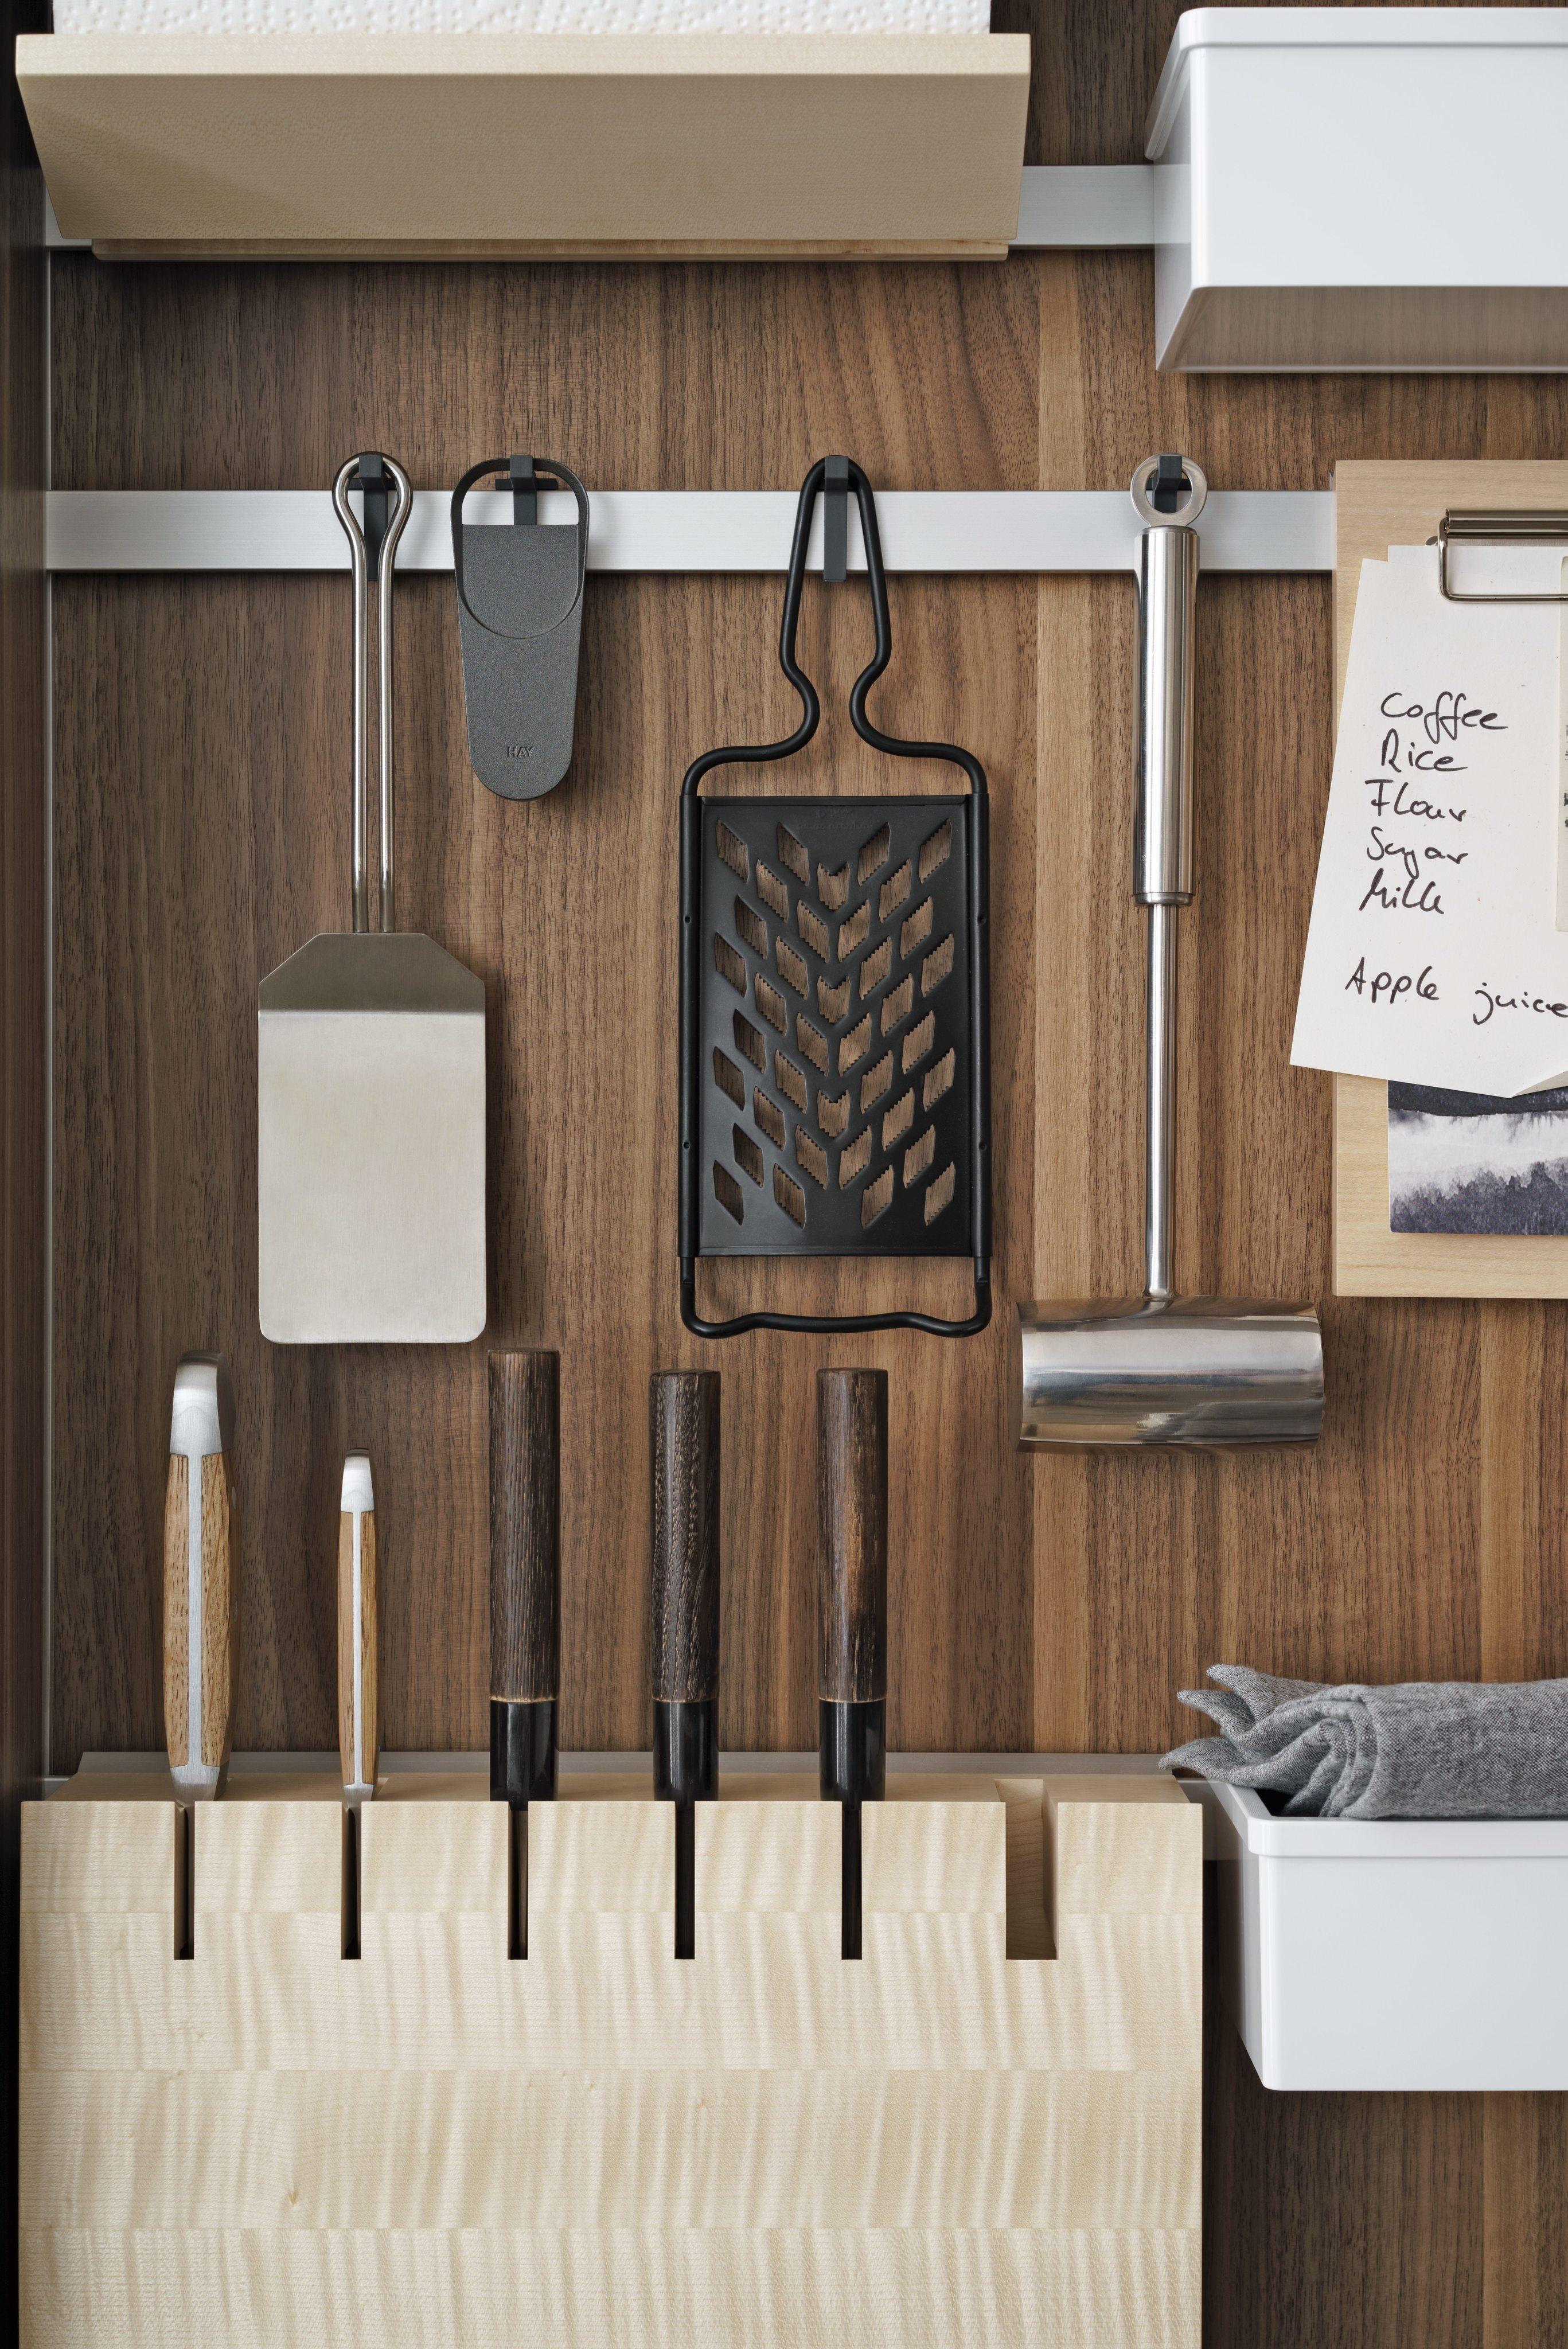 Künstlerisch Offene Küche Ideen Von Bulthaup #b2 - Küchenwerkschrank #küche #offeneküche #küchenregal